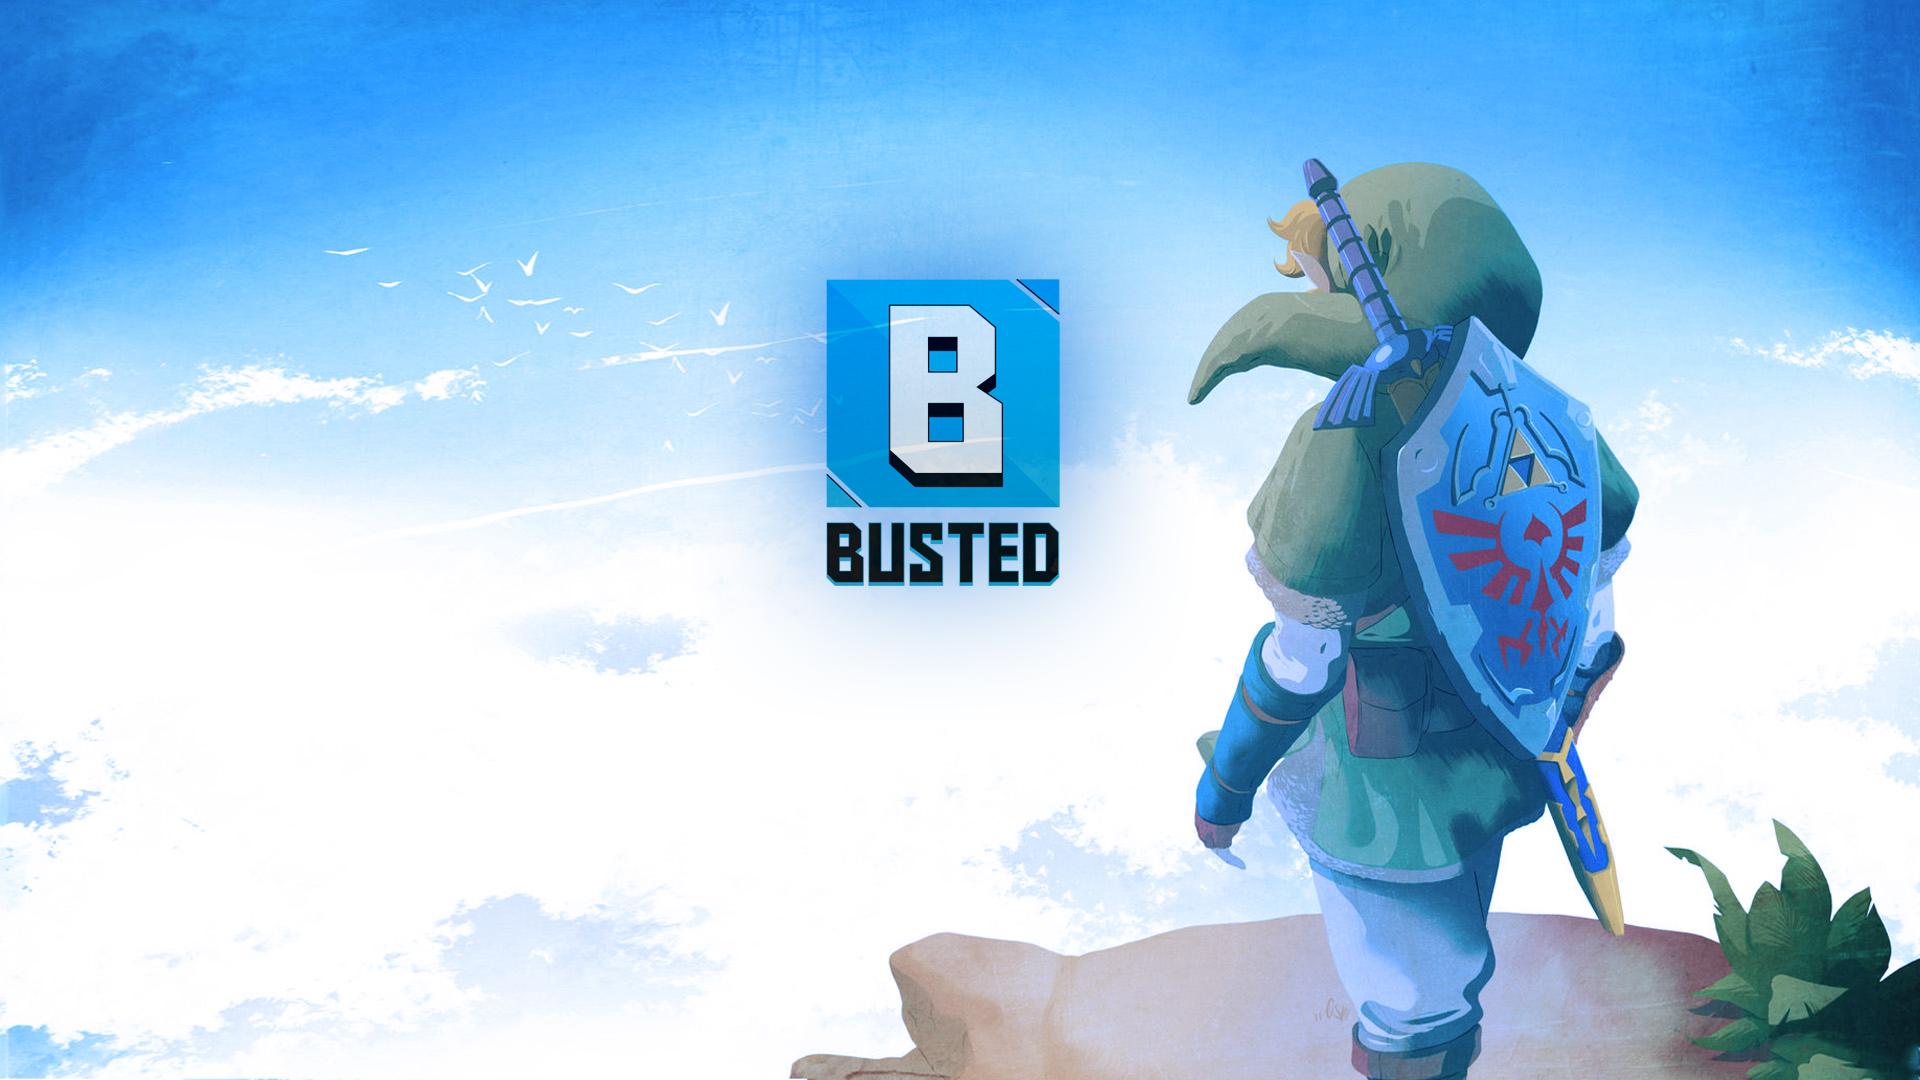 http://busted.gr/wp-content/uploads/2017/10/Legendofzelda1080p.jpg